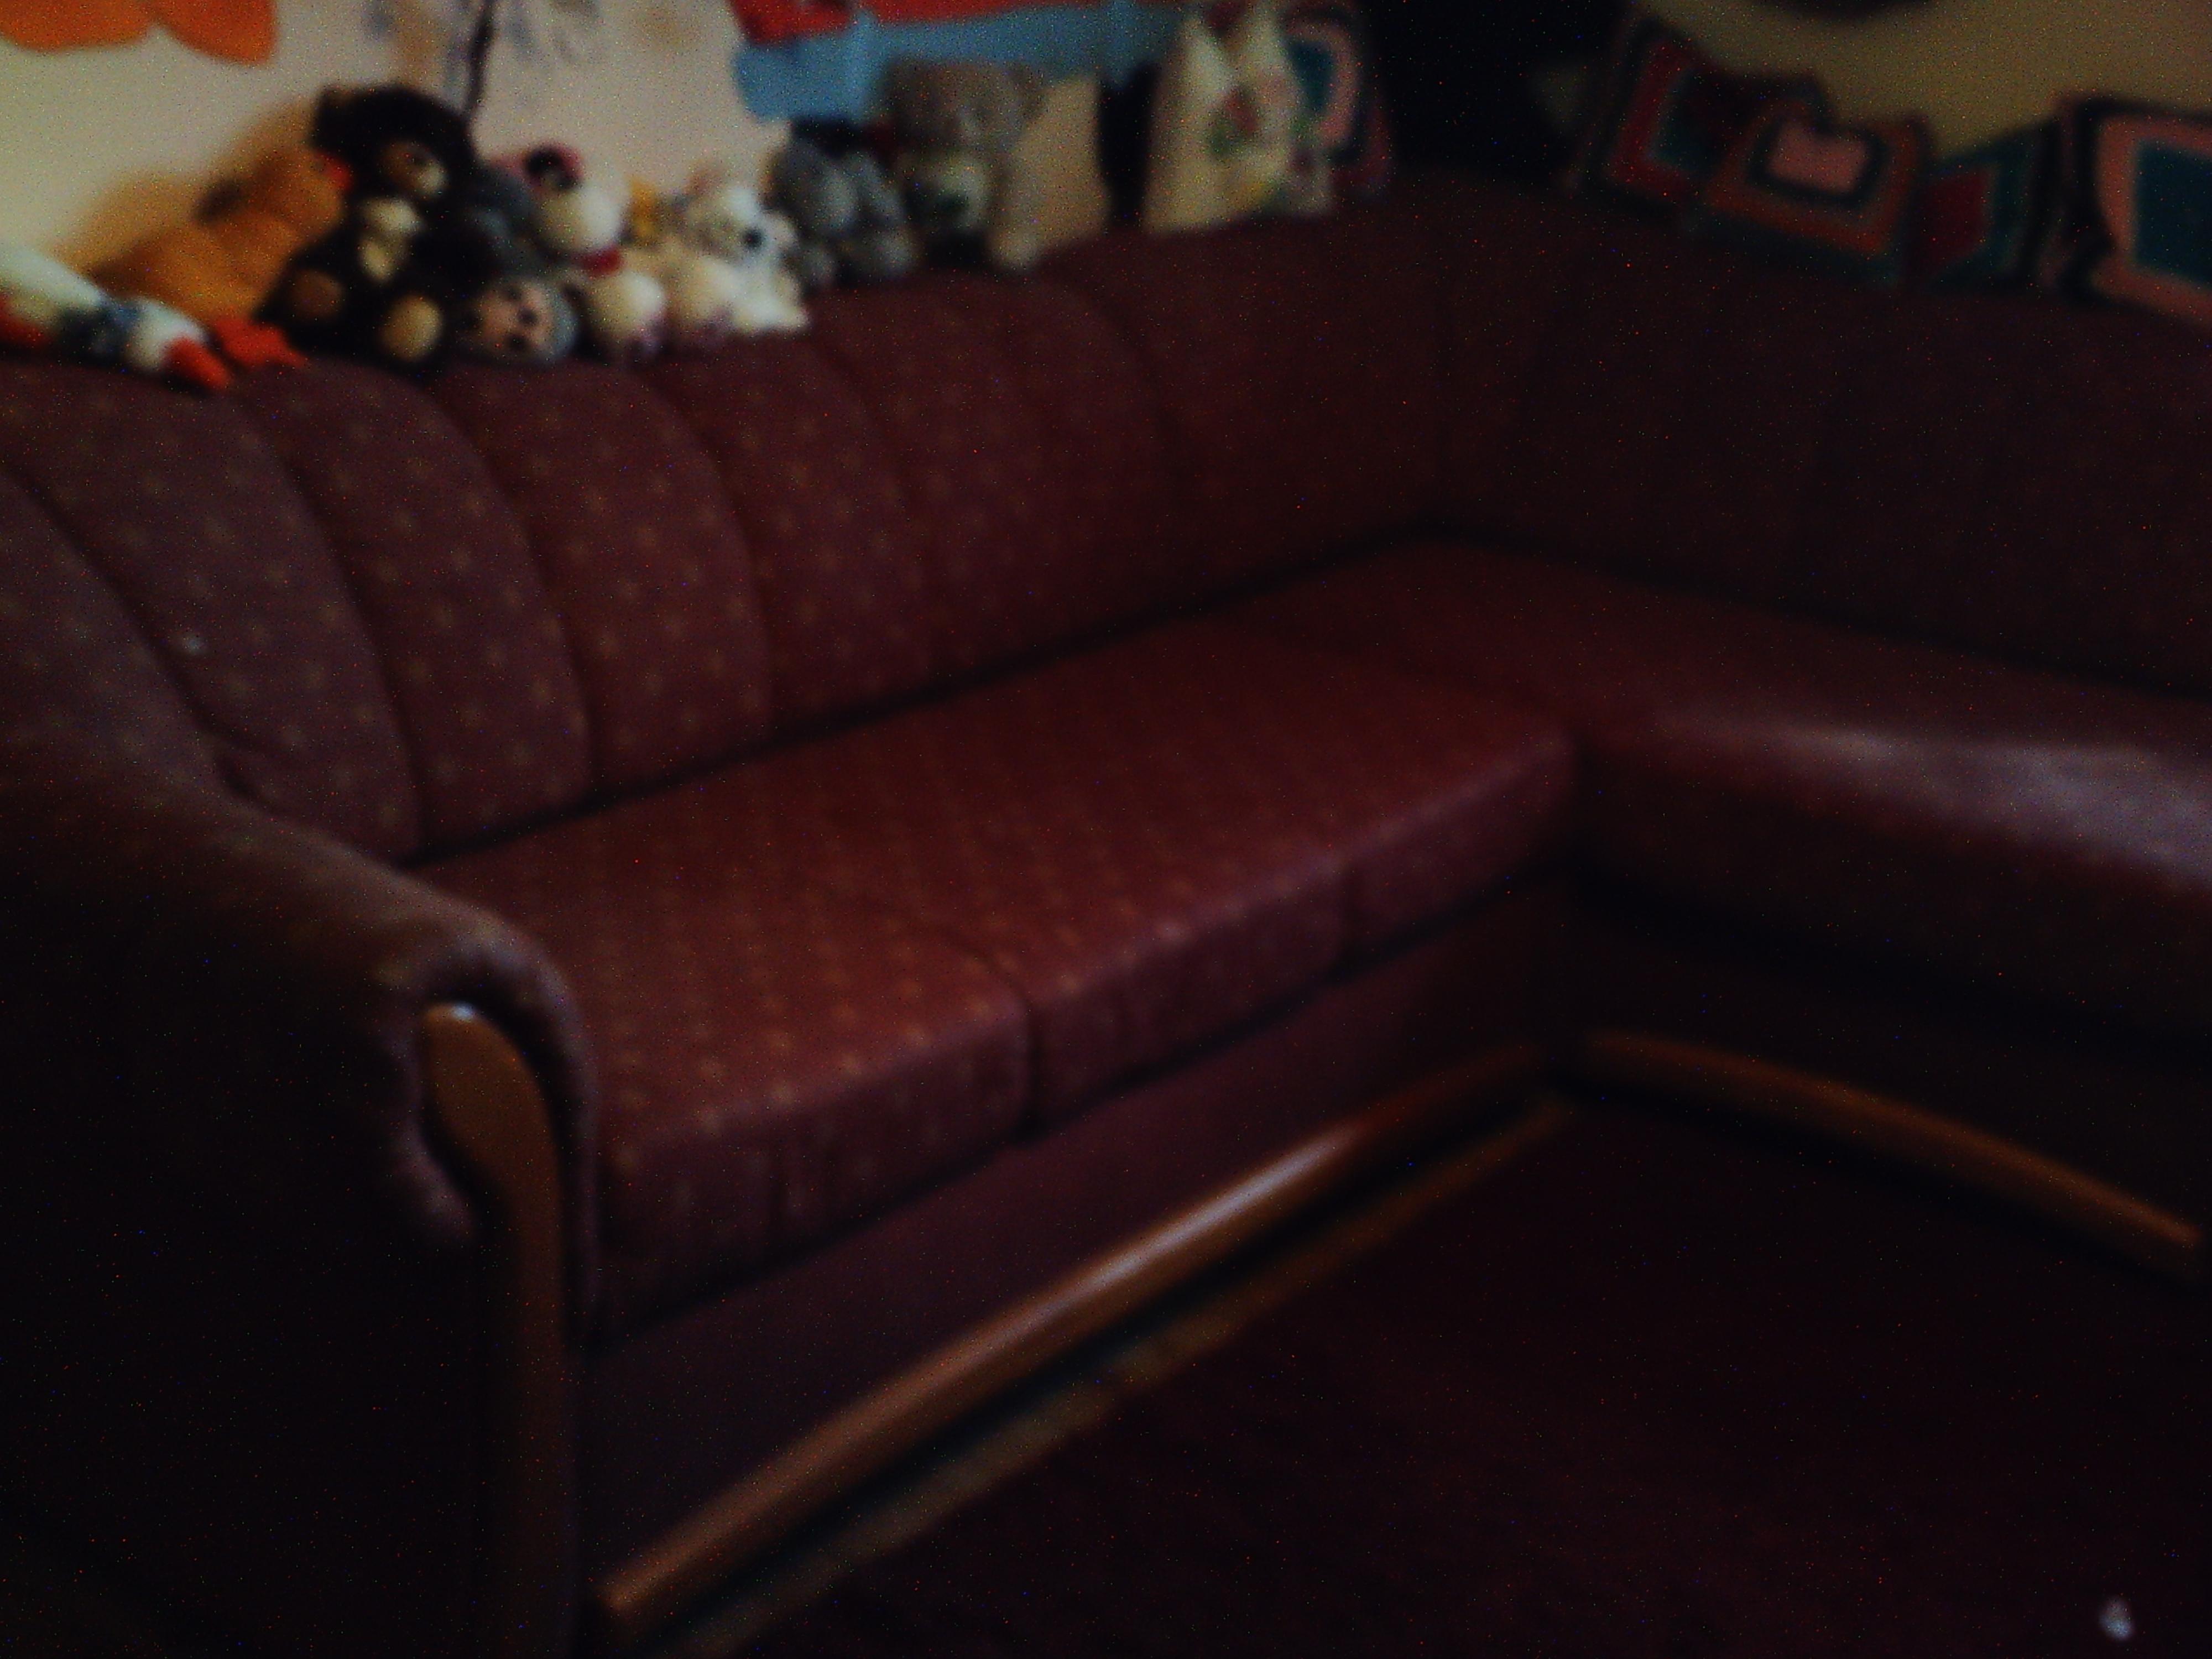 m bel und haushalt kleinanzeigen in landshut. Black Bedroom Furniture Sets. Home Design Ideas